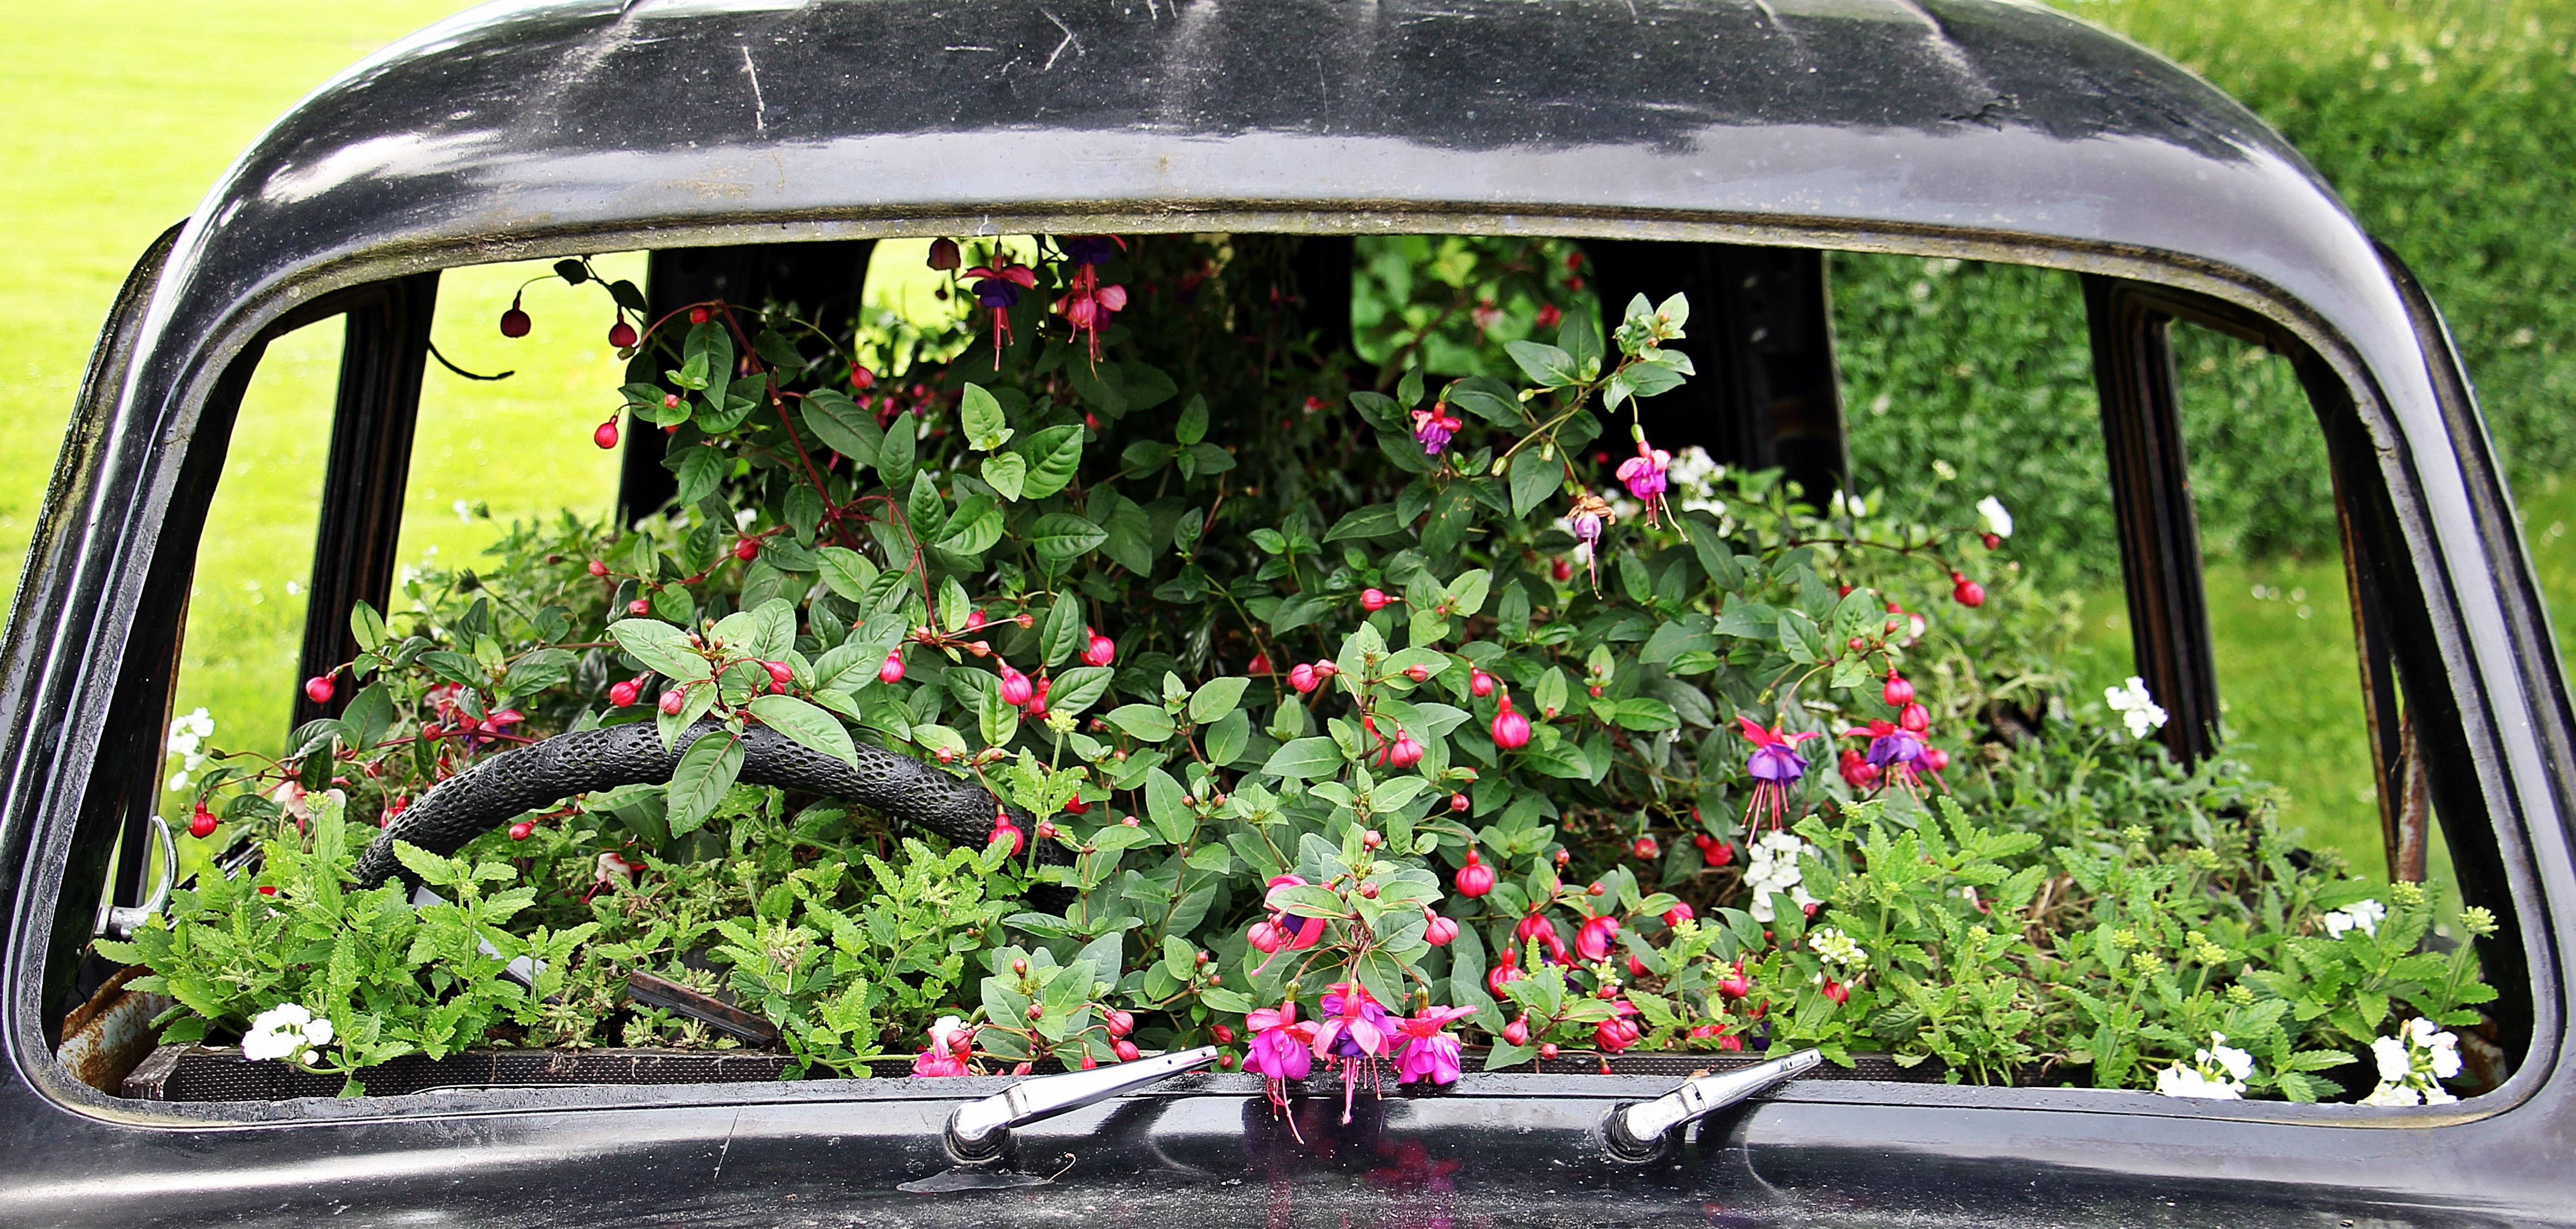 Flower Window Vehicle Auto Garden Deco Flowers Planted Flowers Bumper  Planted Car Automotive Exterior